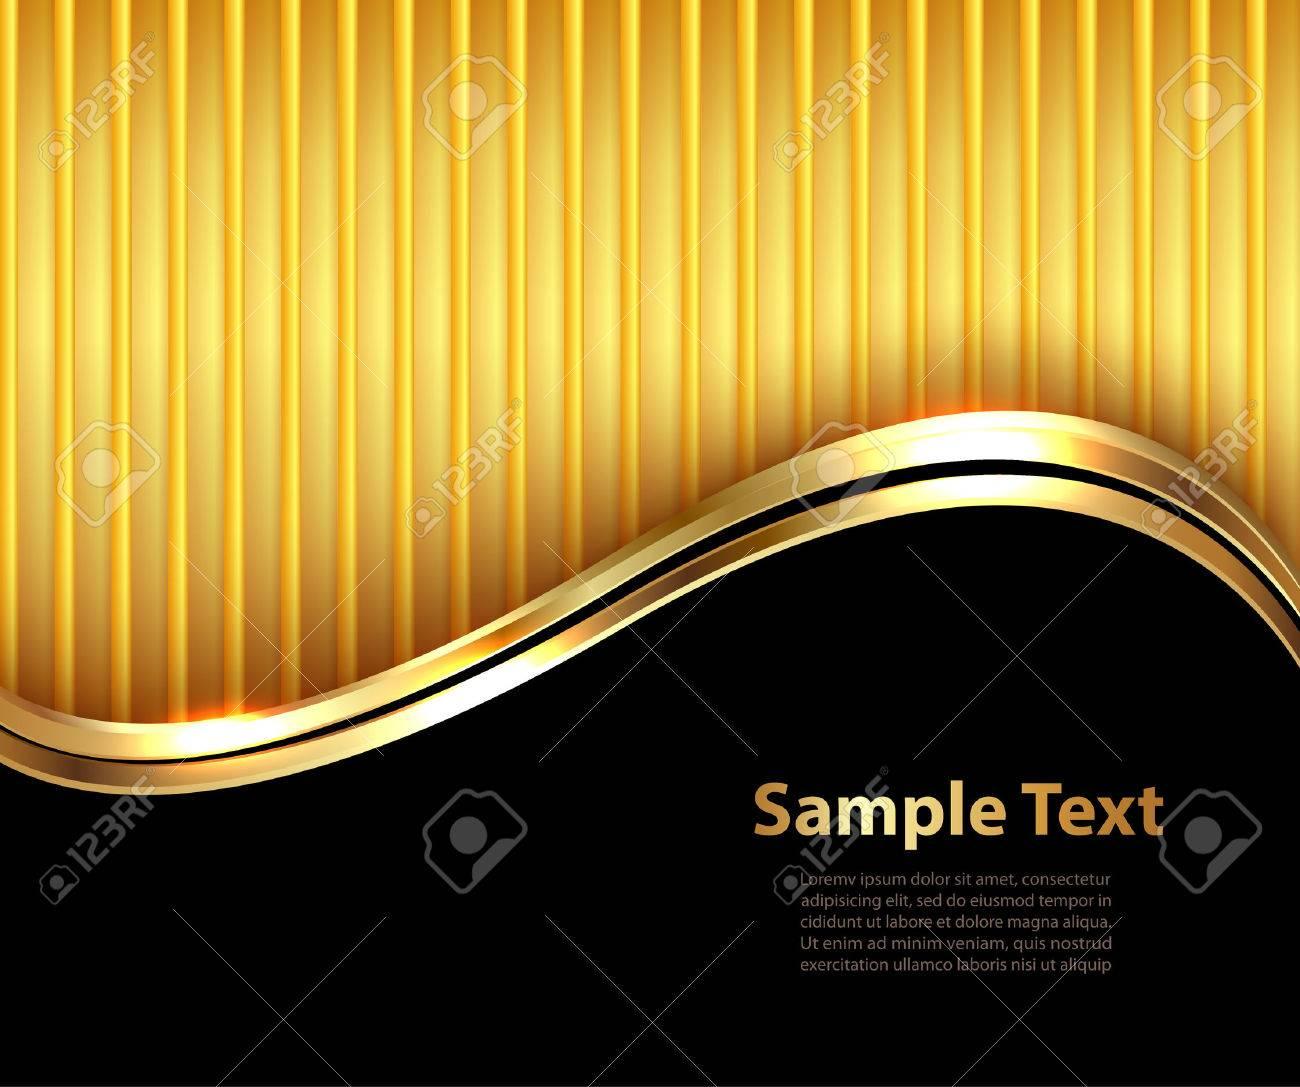 Business background, elegant gold and black, vector illustration. - 36130526